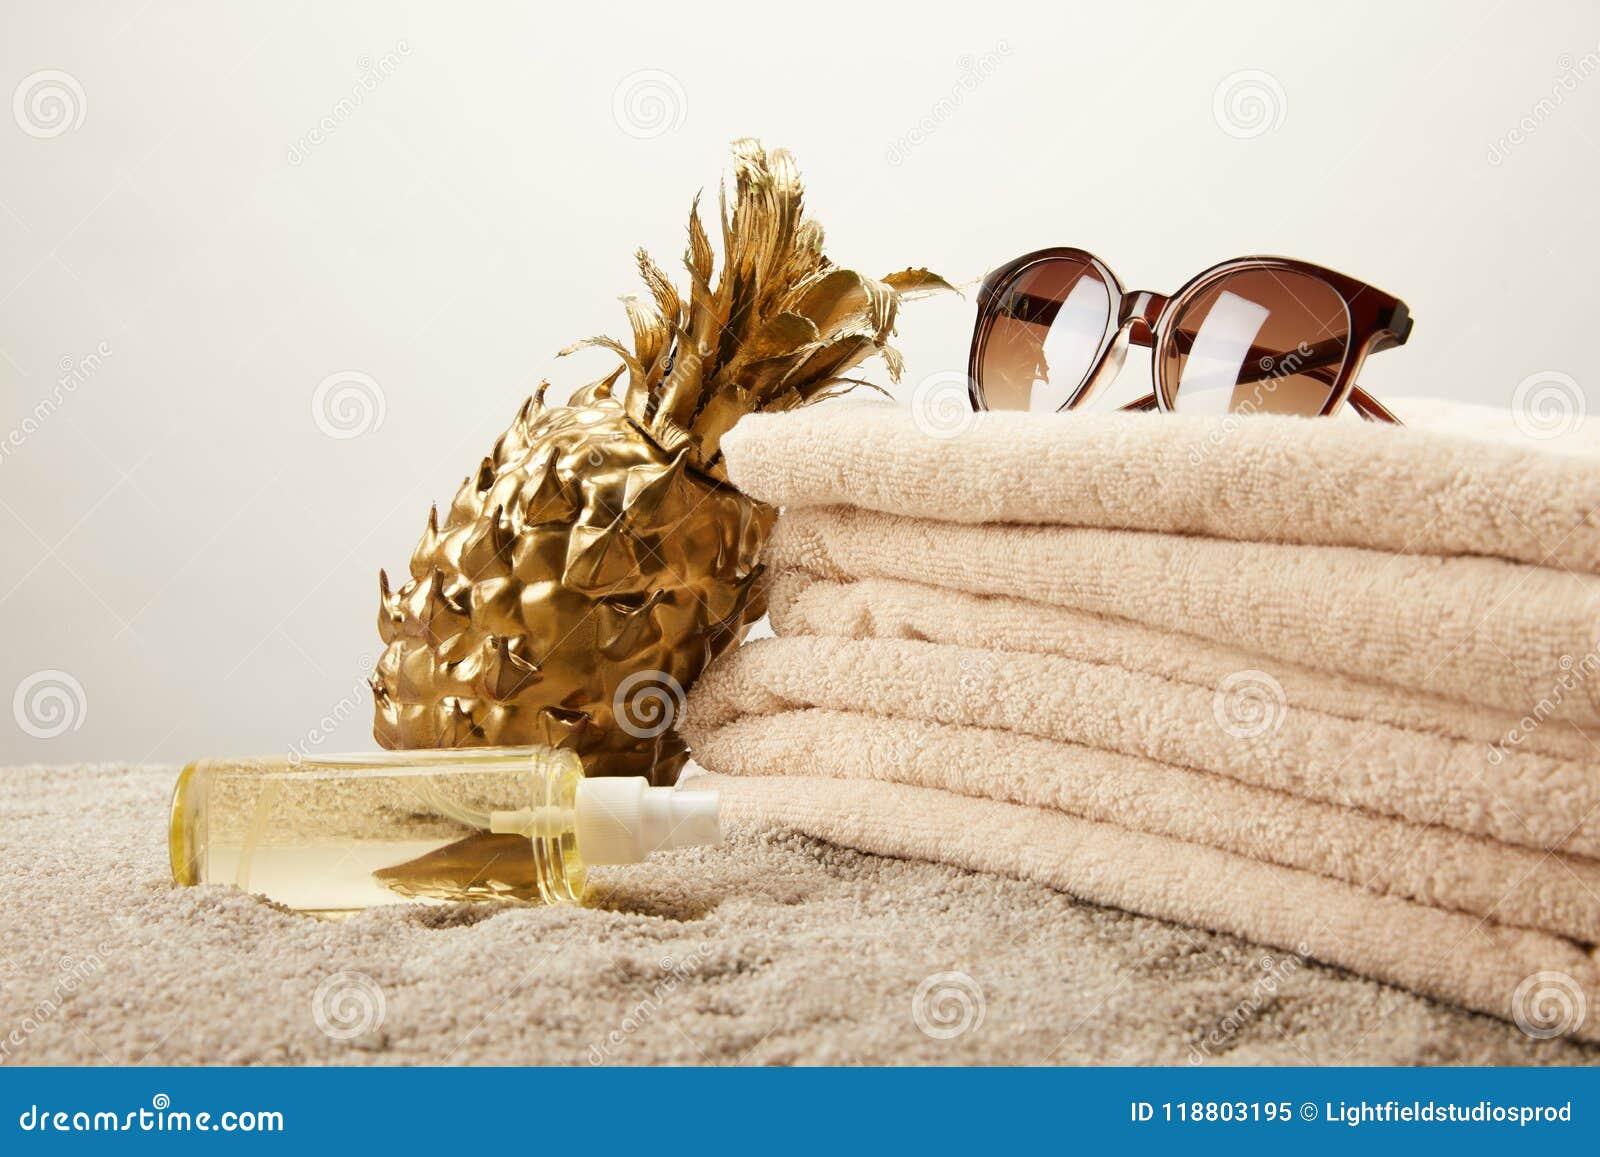 Ciérrese encima de la vista de la pila de toallas, de gafas de sol, de aceite que broncea y de piña decorativa de oro en la arena